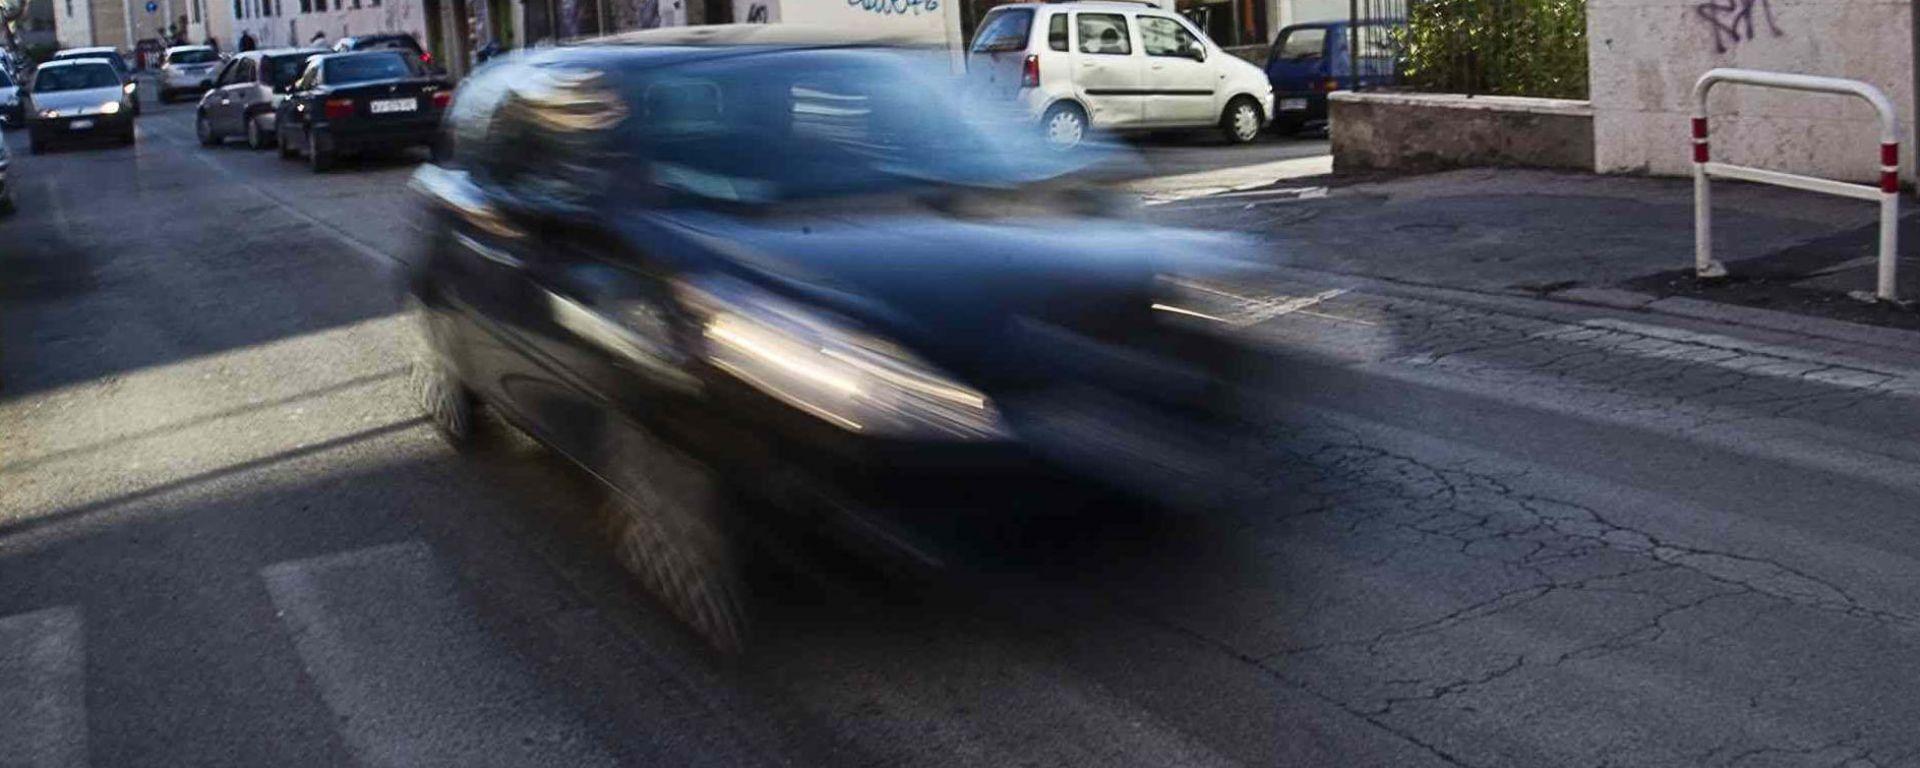 Risalire al proprietario di un veicolo dalla sua targa: come procedere